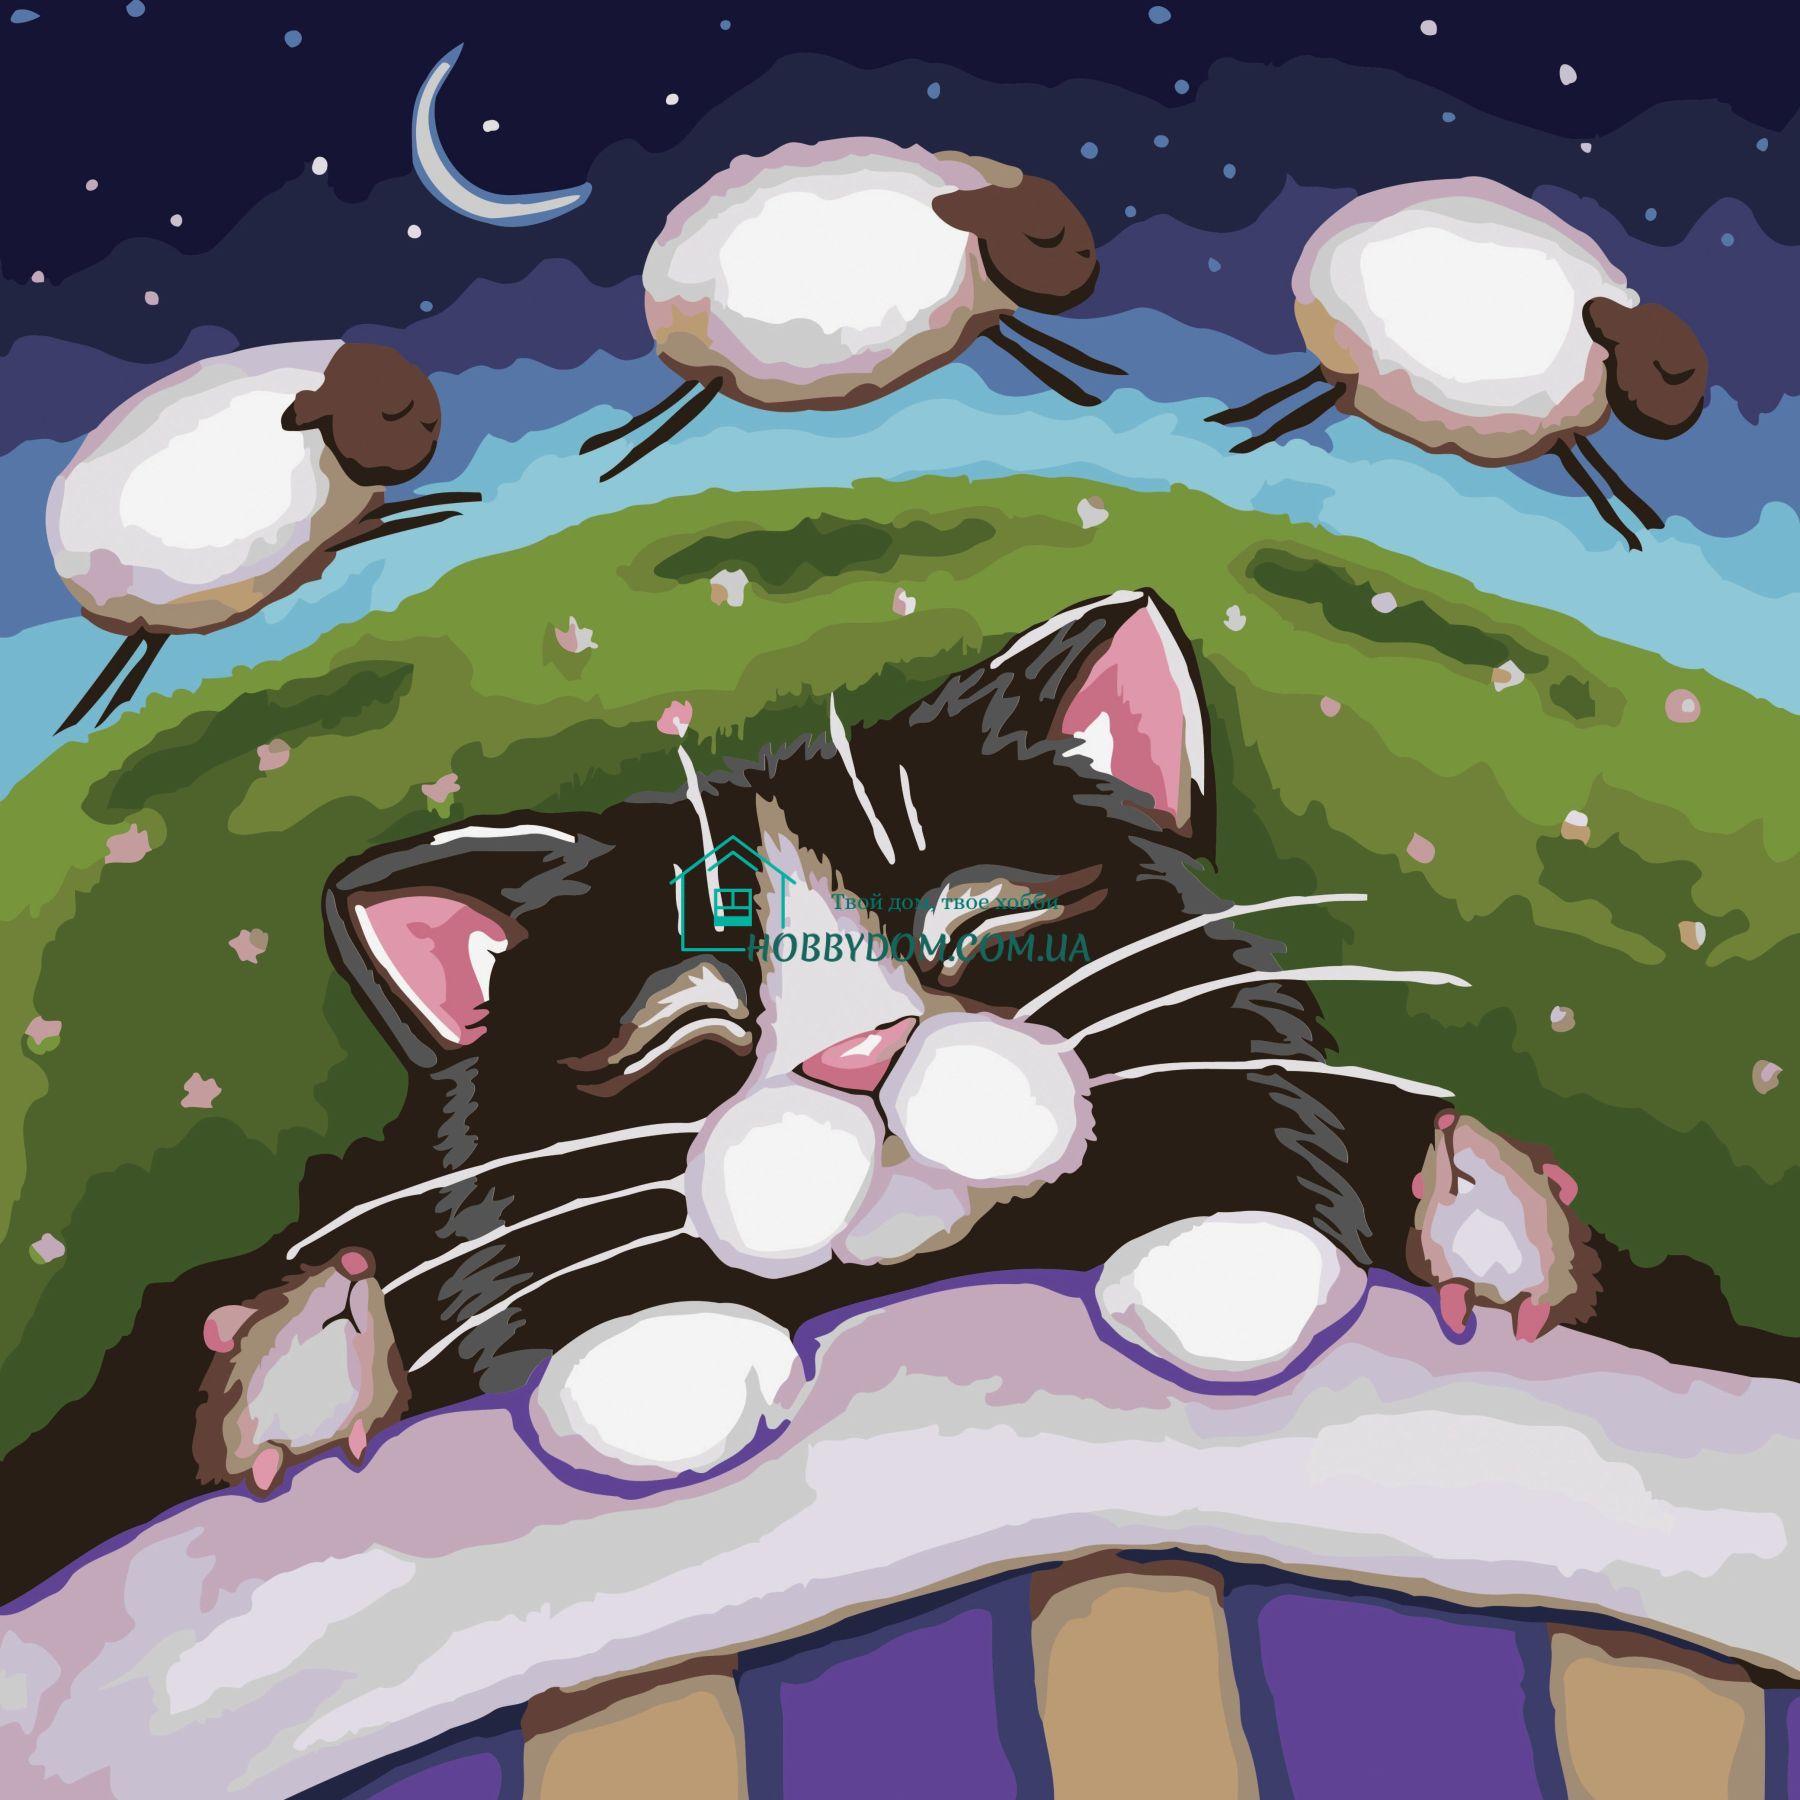 день рожденья позитивные картинки на сон грядущий воды доме скважина